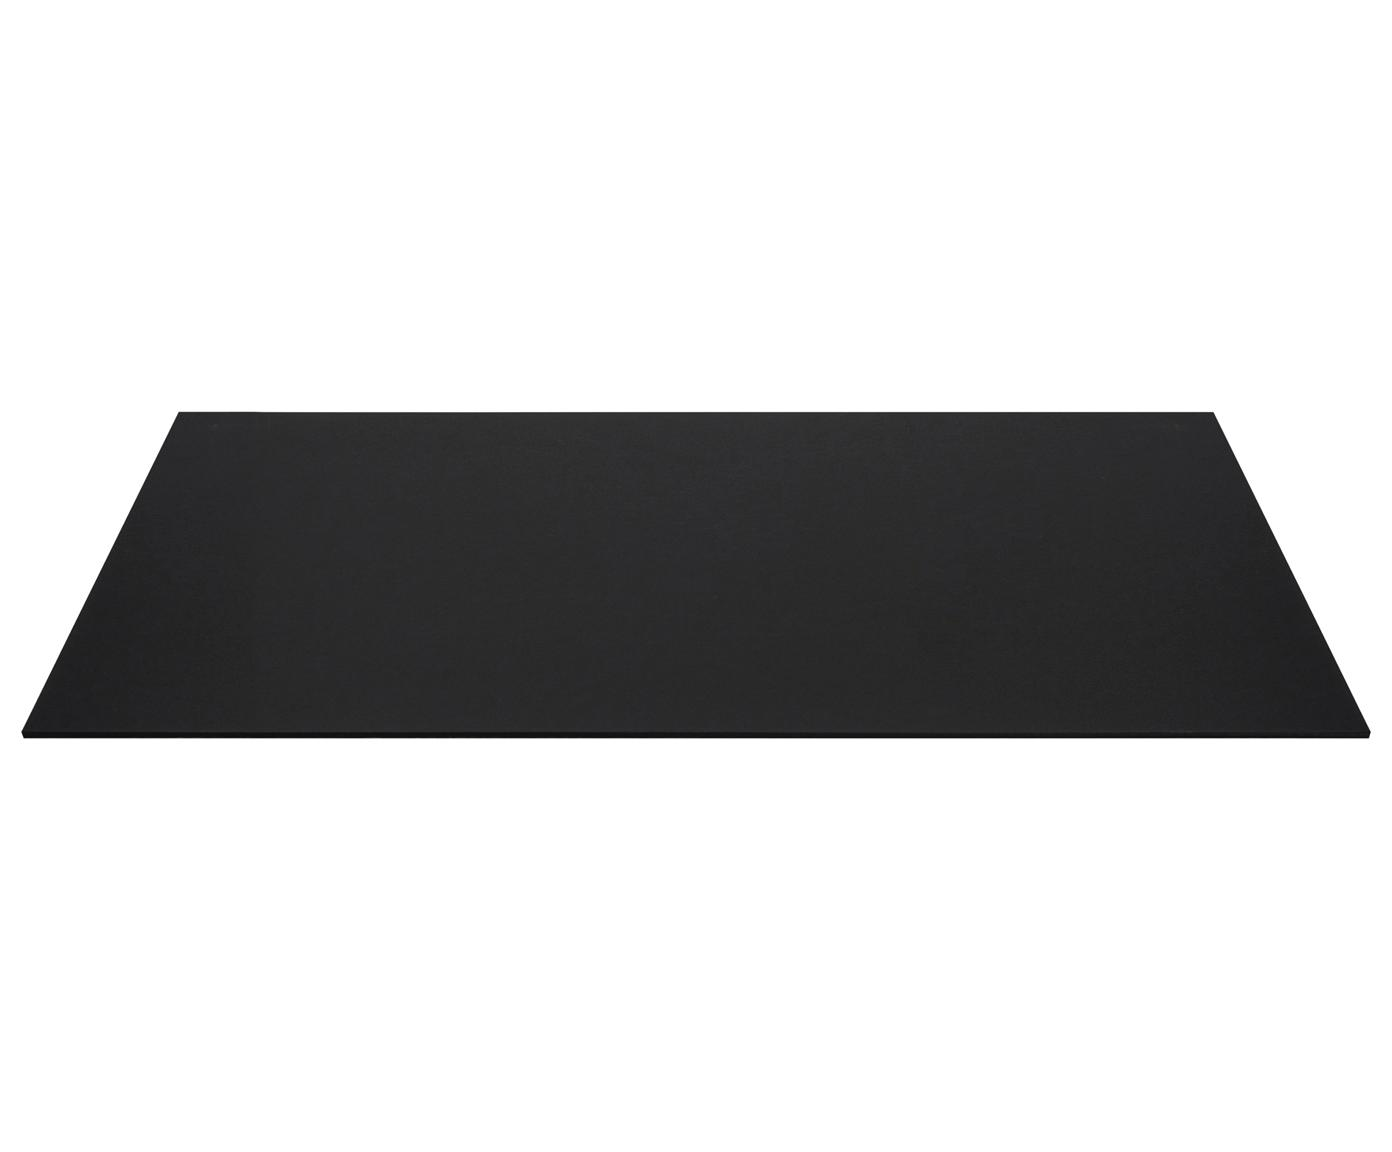 Bureaumat Annie, Stevig, gelamineerd karton, Zwart, B 59 x D 39 cm